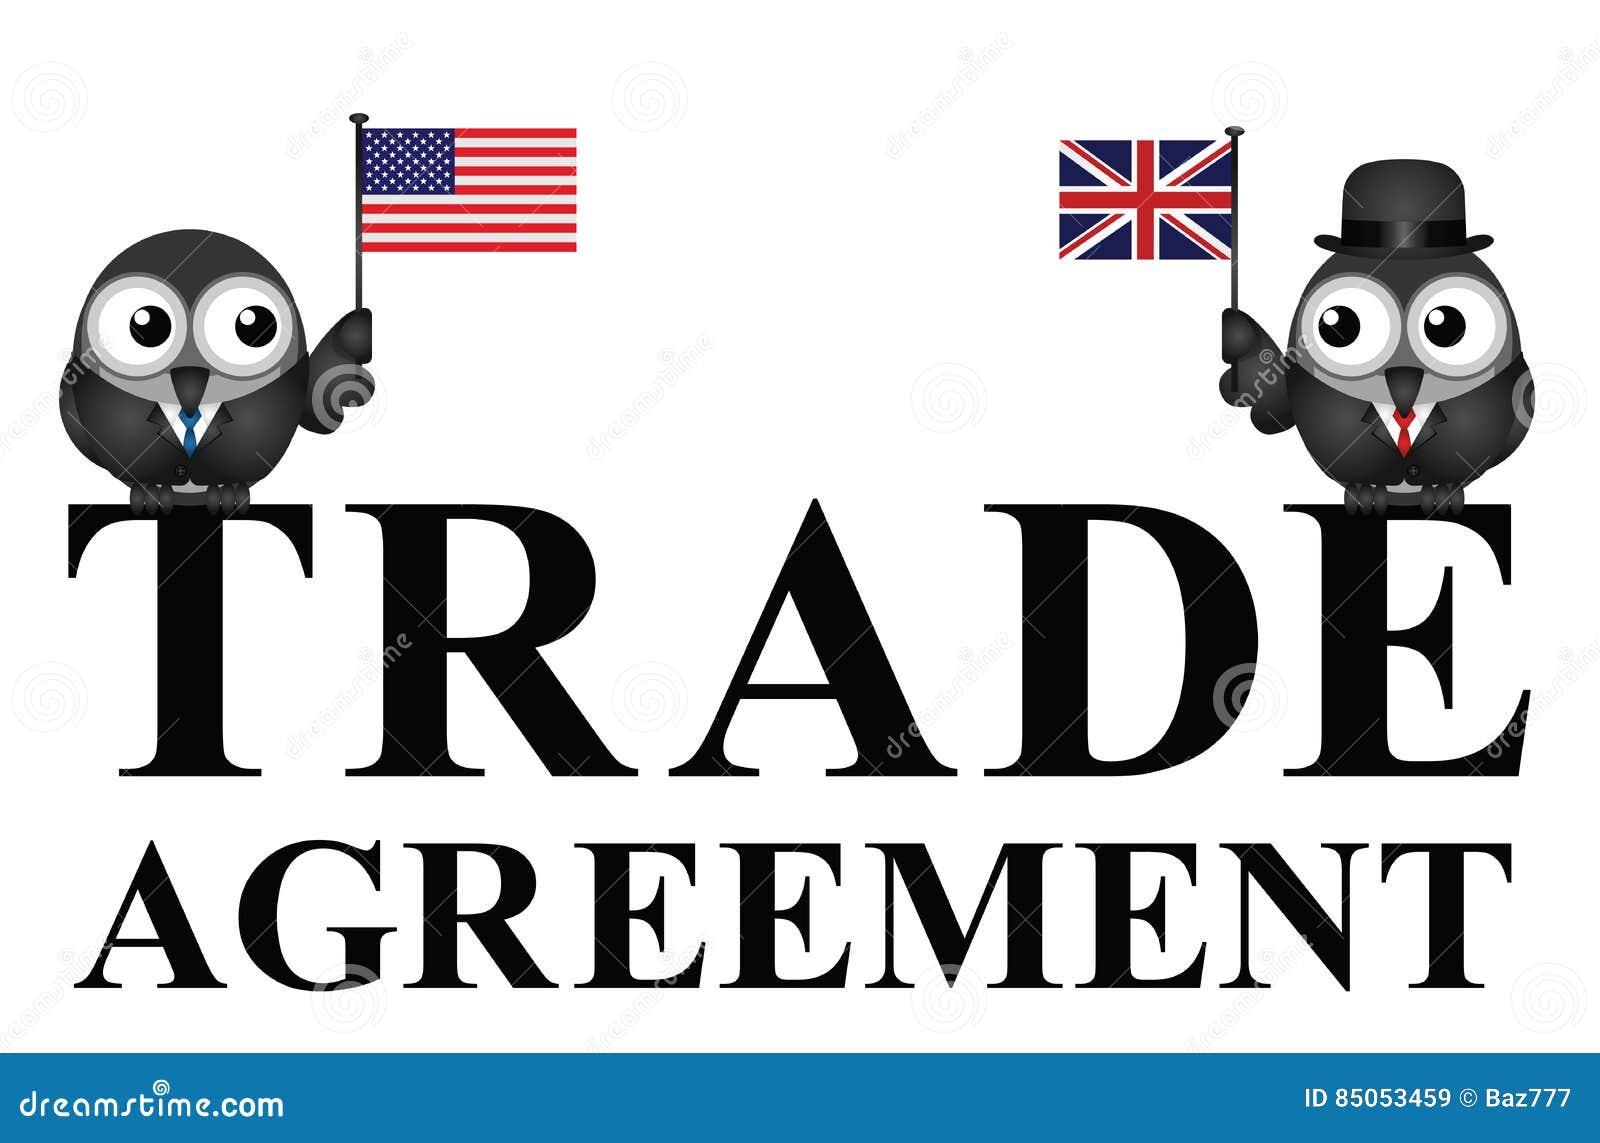 Usa Uk Transatlantic Trade Agreement Negotiations Stock Vector